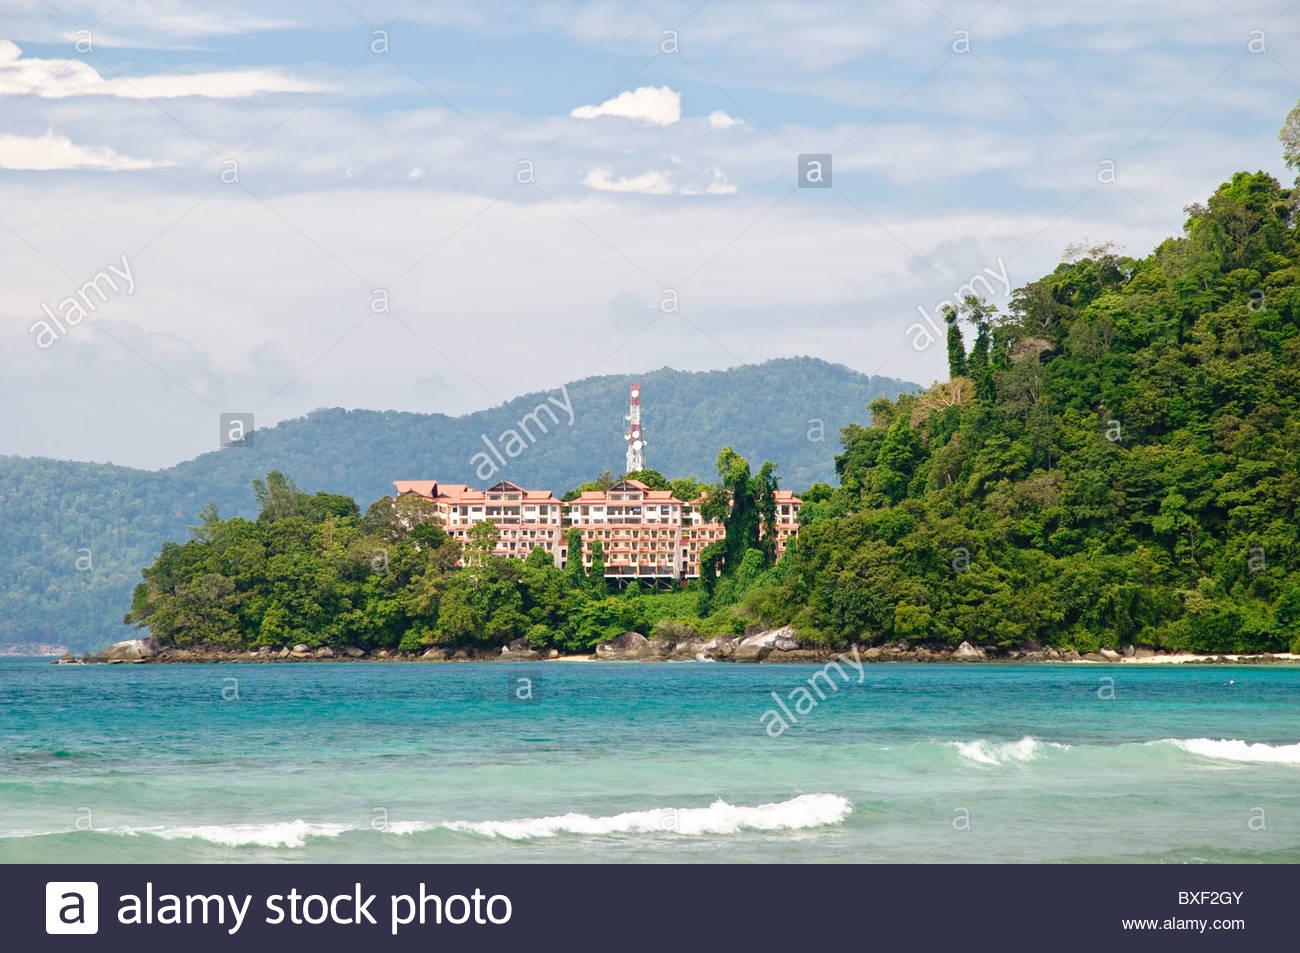 El Berjaya Tioman Island Resort, isla de Pulau Tioman, Malasia, Sudeste Asiático, Asia Foto de stock